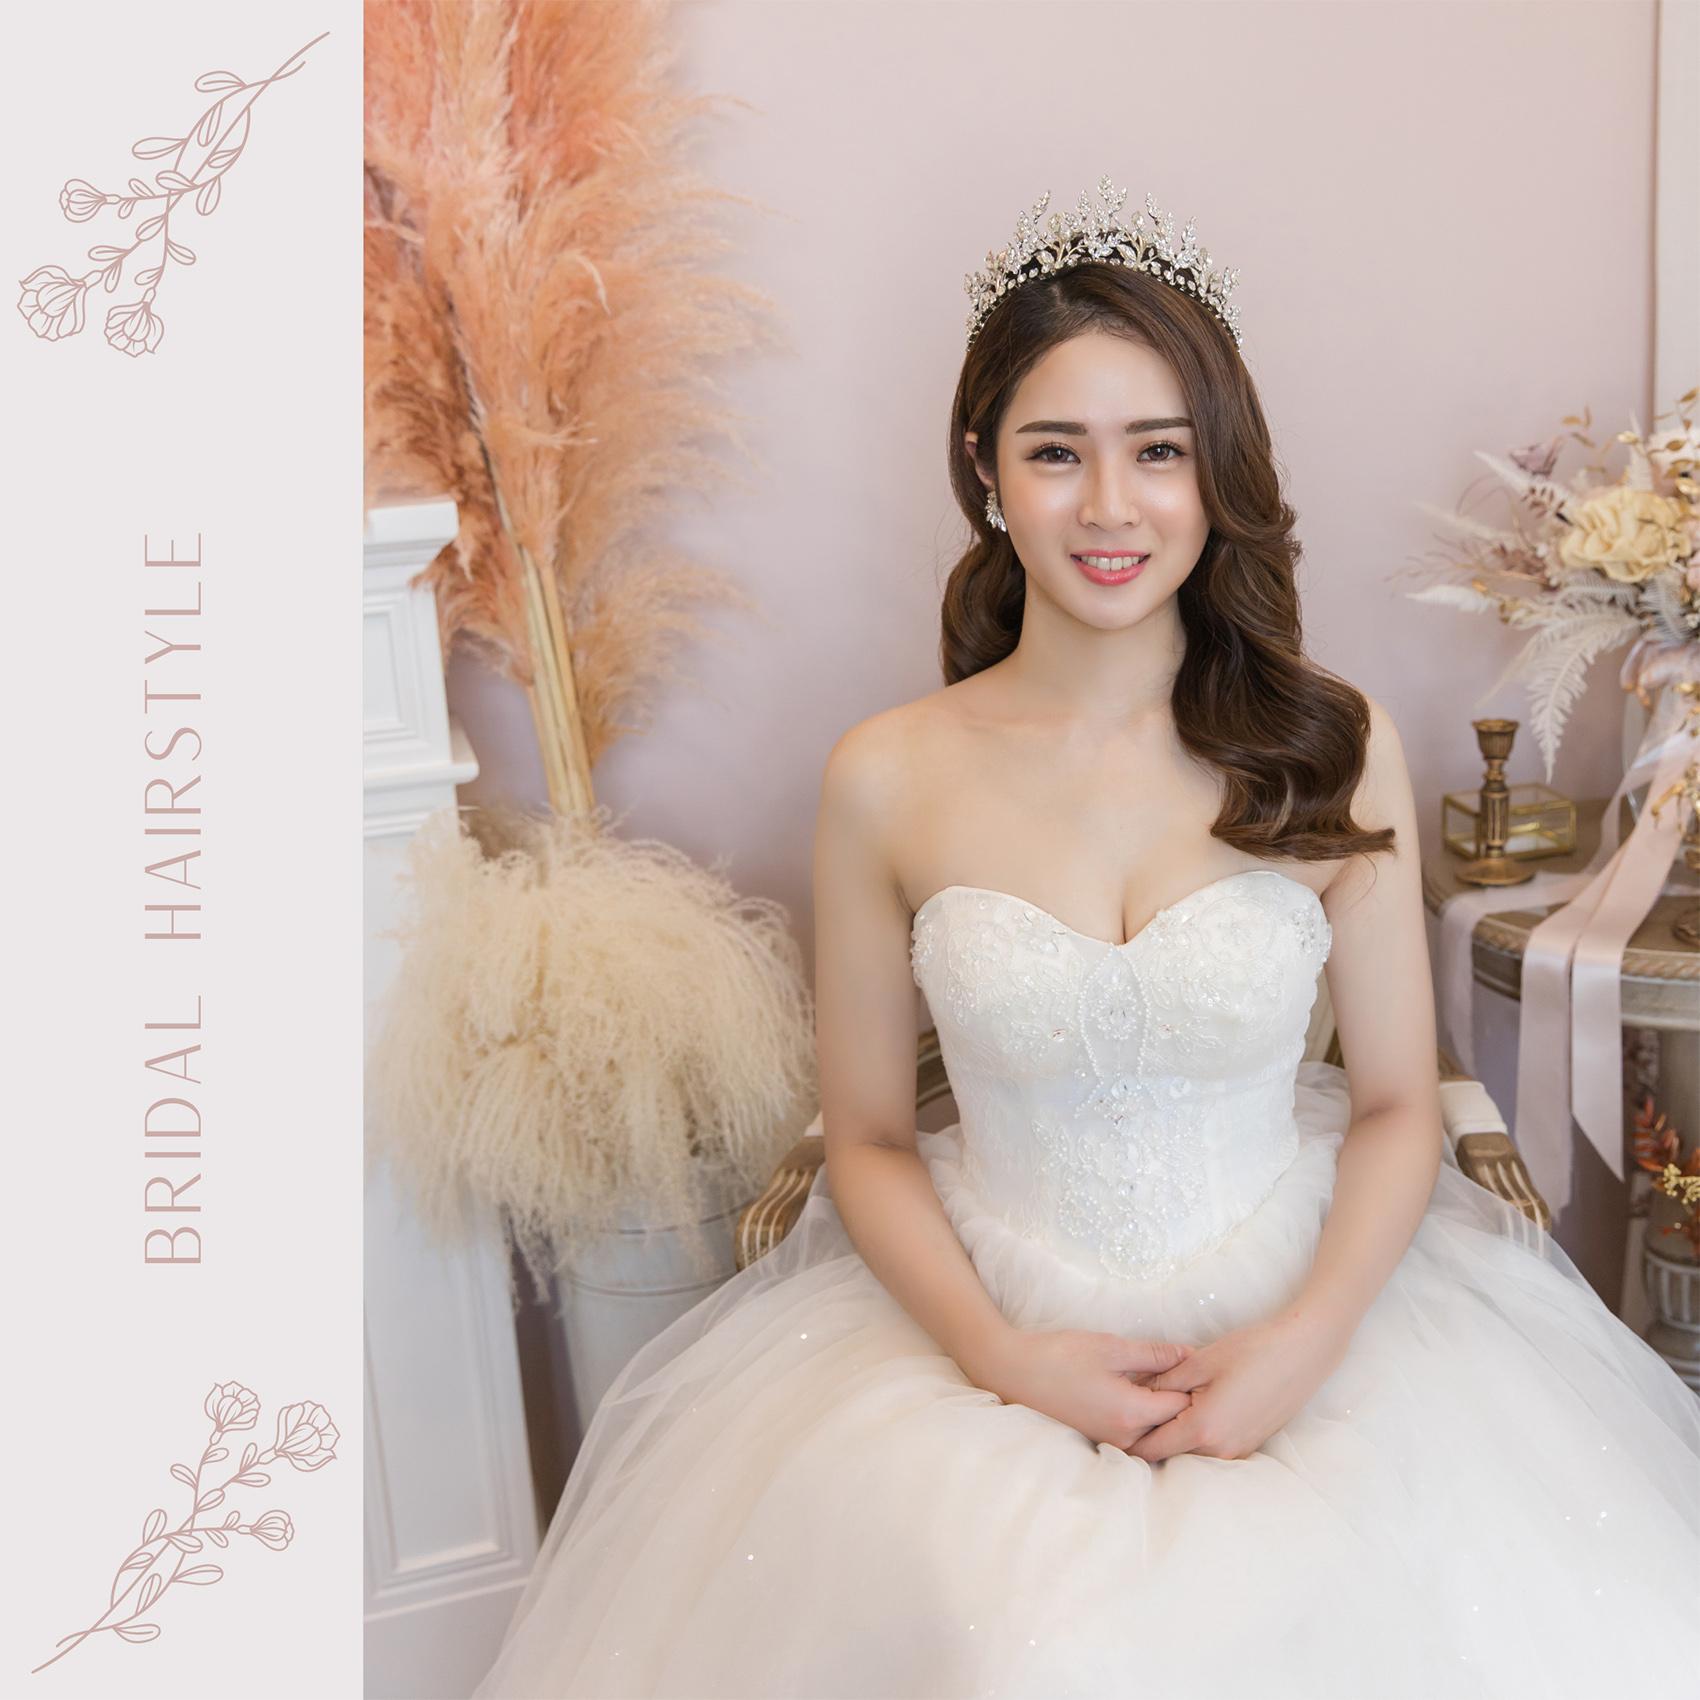 新秘Yuki, 新娘秘書, 新秘, 新娘造型, 公主風造型, 高雄新秘, 素人改造, 白紗造型, 皇冠造型, 混血感, 高雄新秘